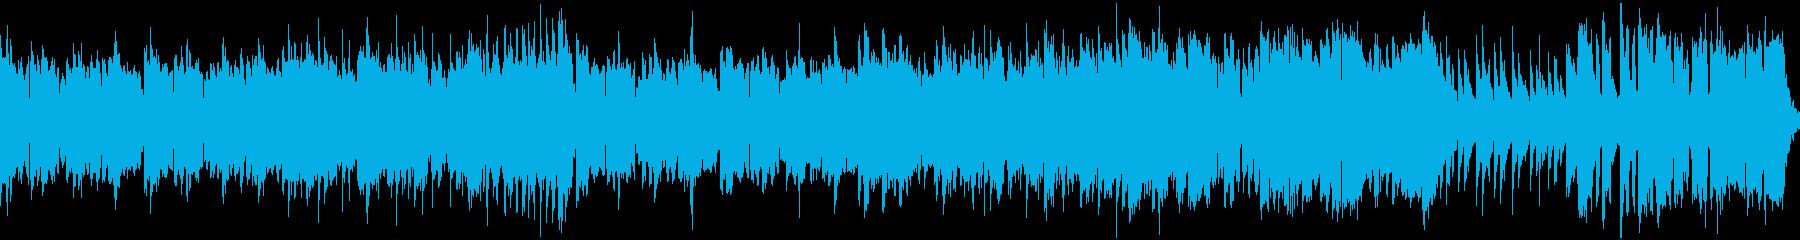 ほのぼのとした中世トラッド・ループの再生済みの波形